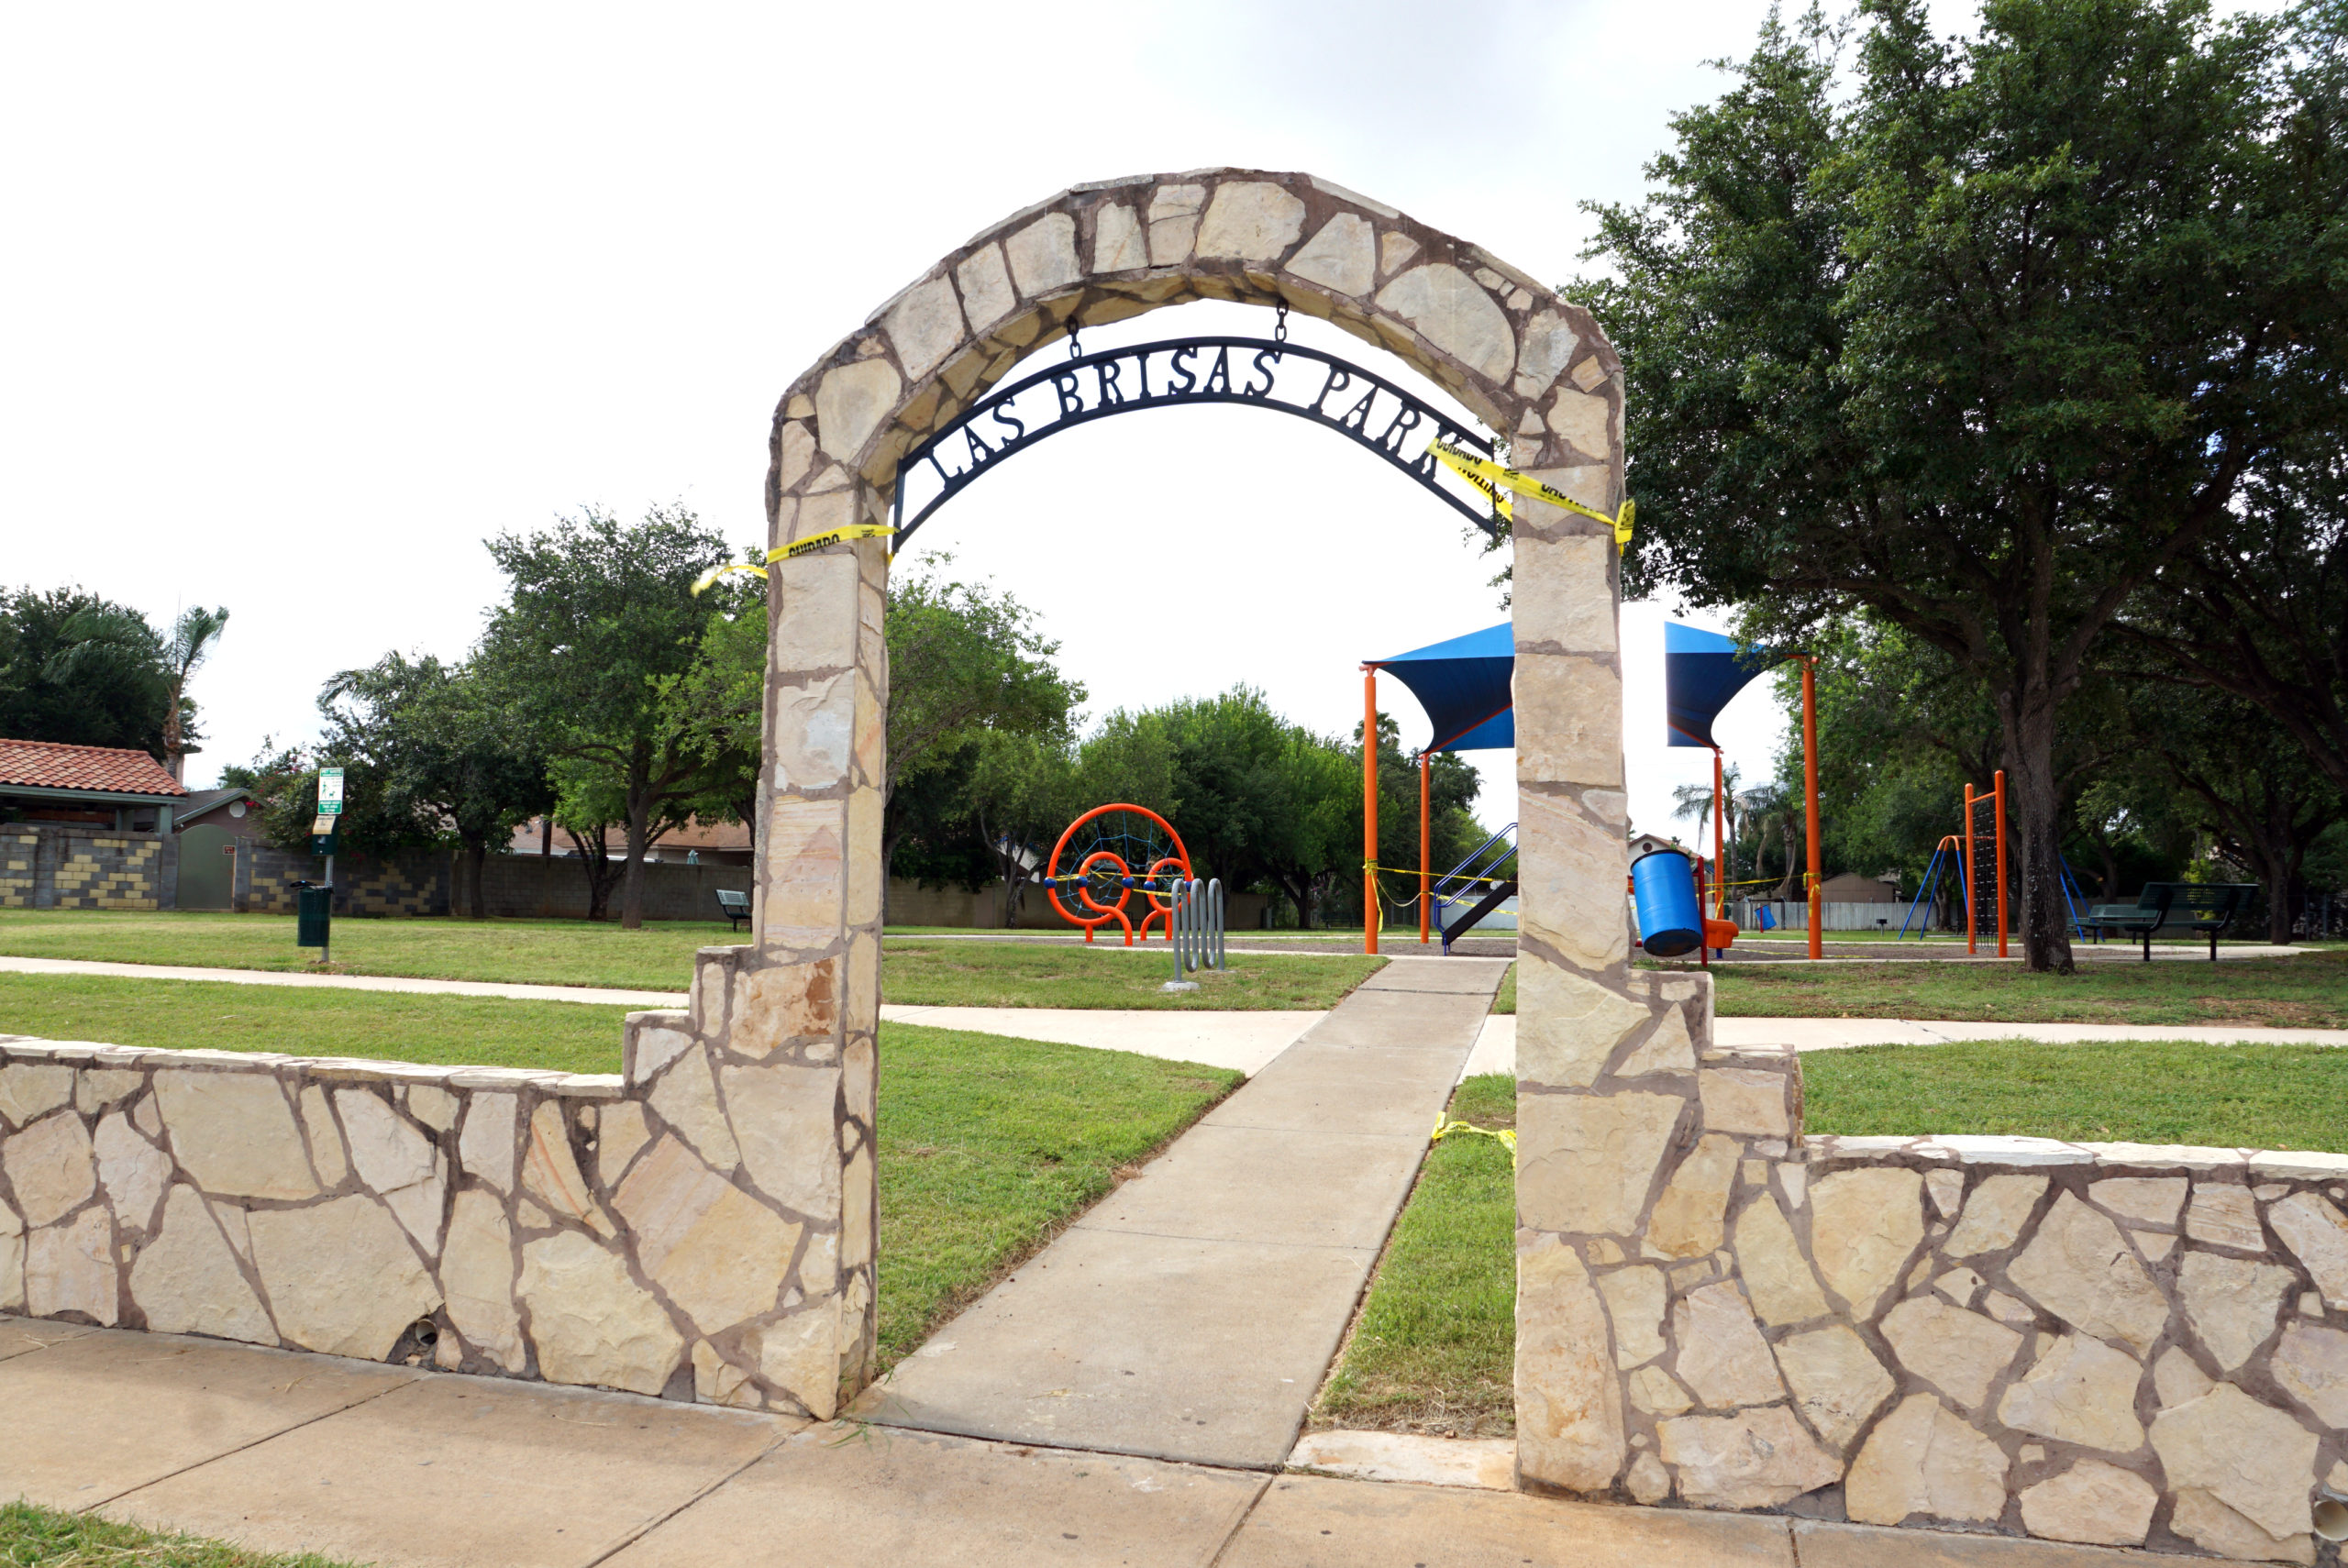 Las Brisas Park